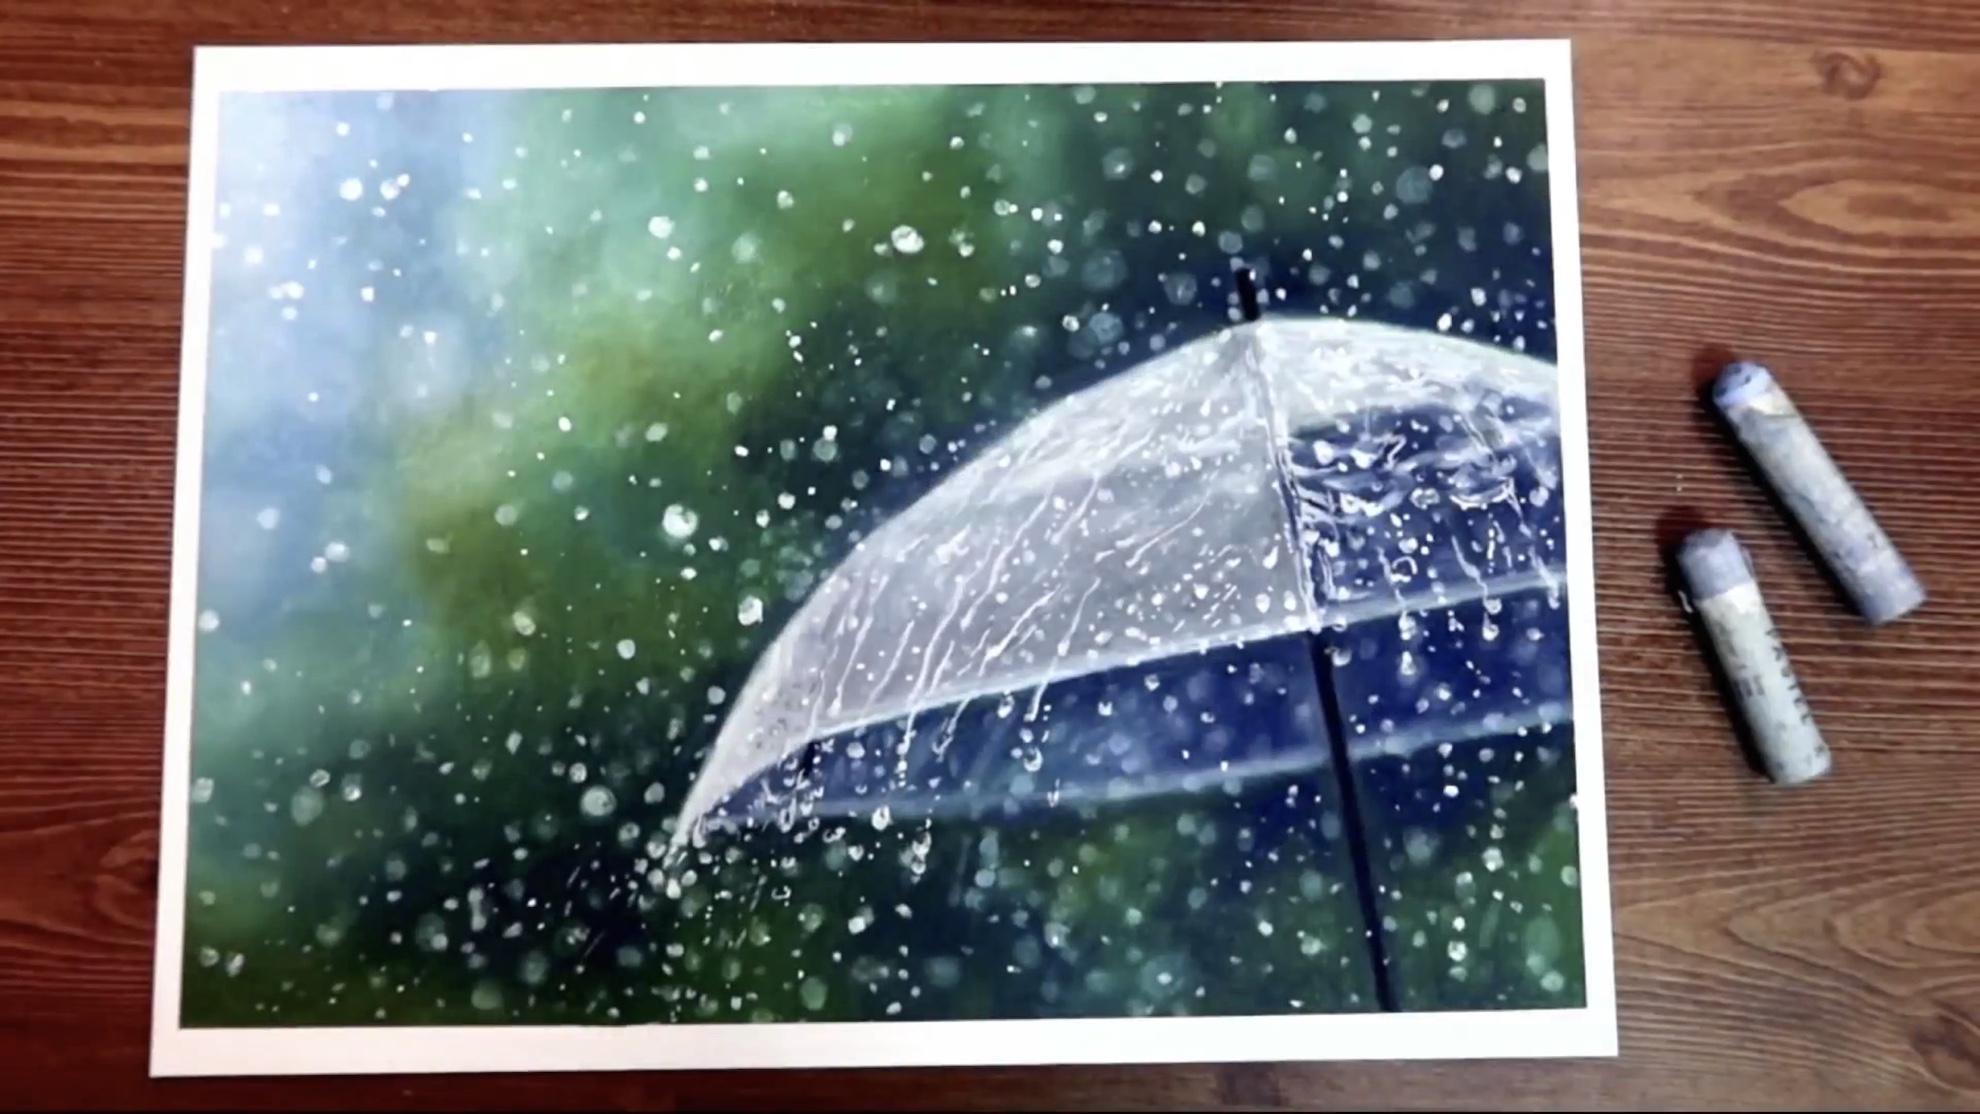 DIY超现实主义油画棒手绘视频:雨天中的透明雨伞